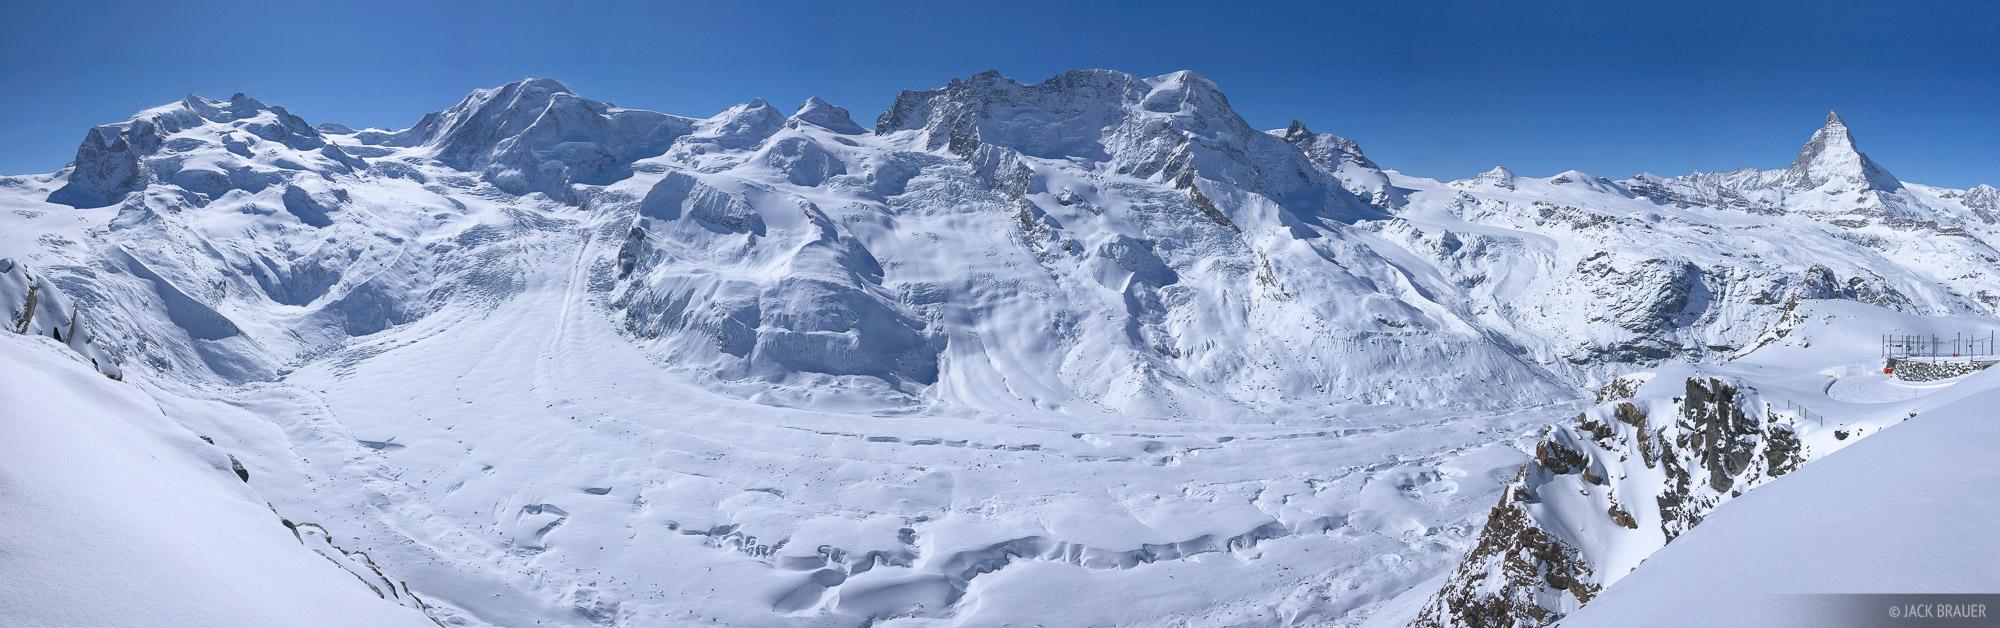 Gornergrat, Gornergletscher, glacier, panorama, Zermatt, Switzerland, winter, rugged, monte rosa, monterosa, march